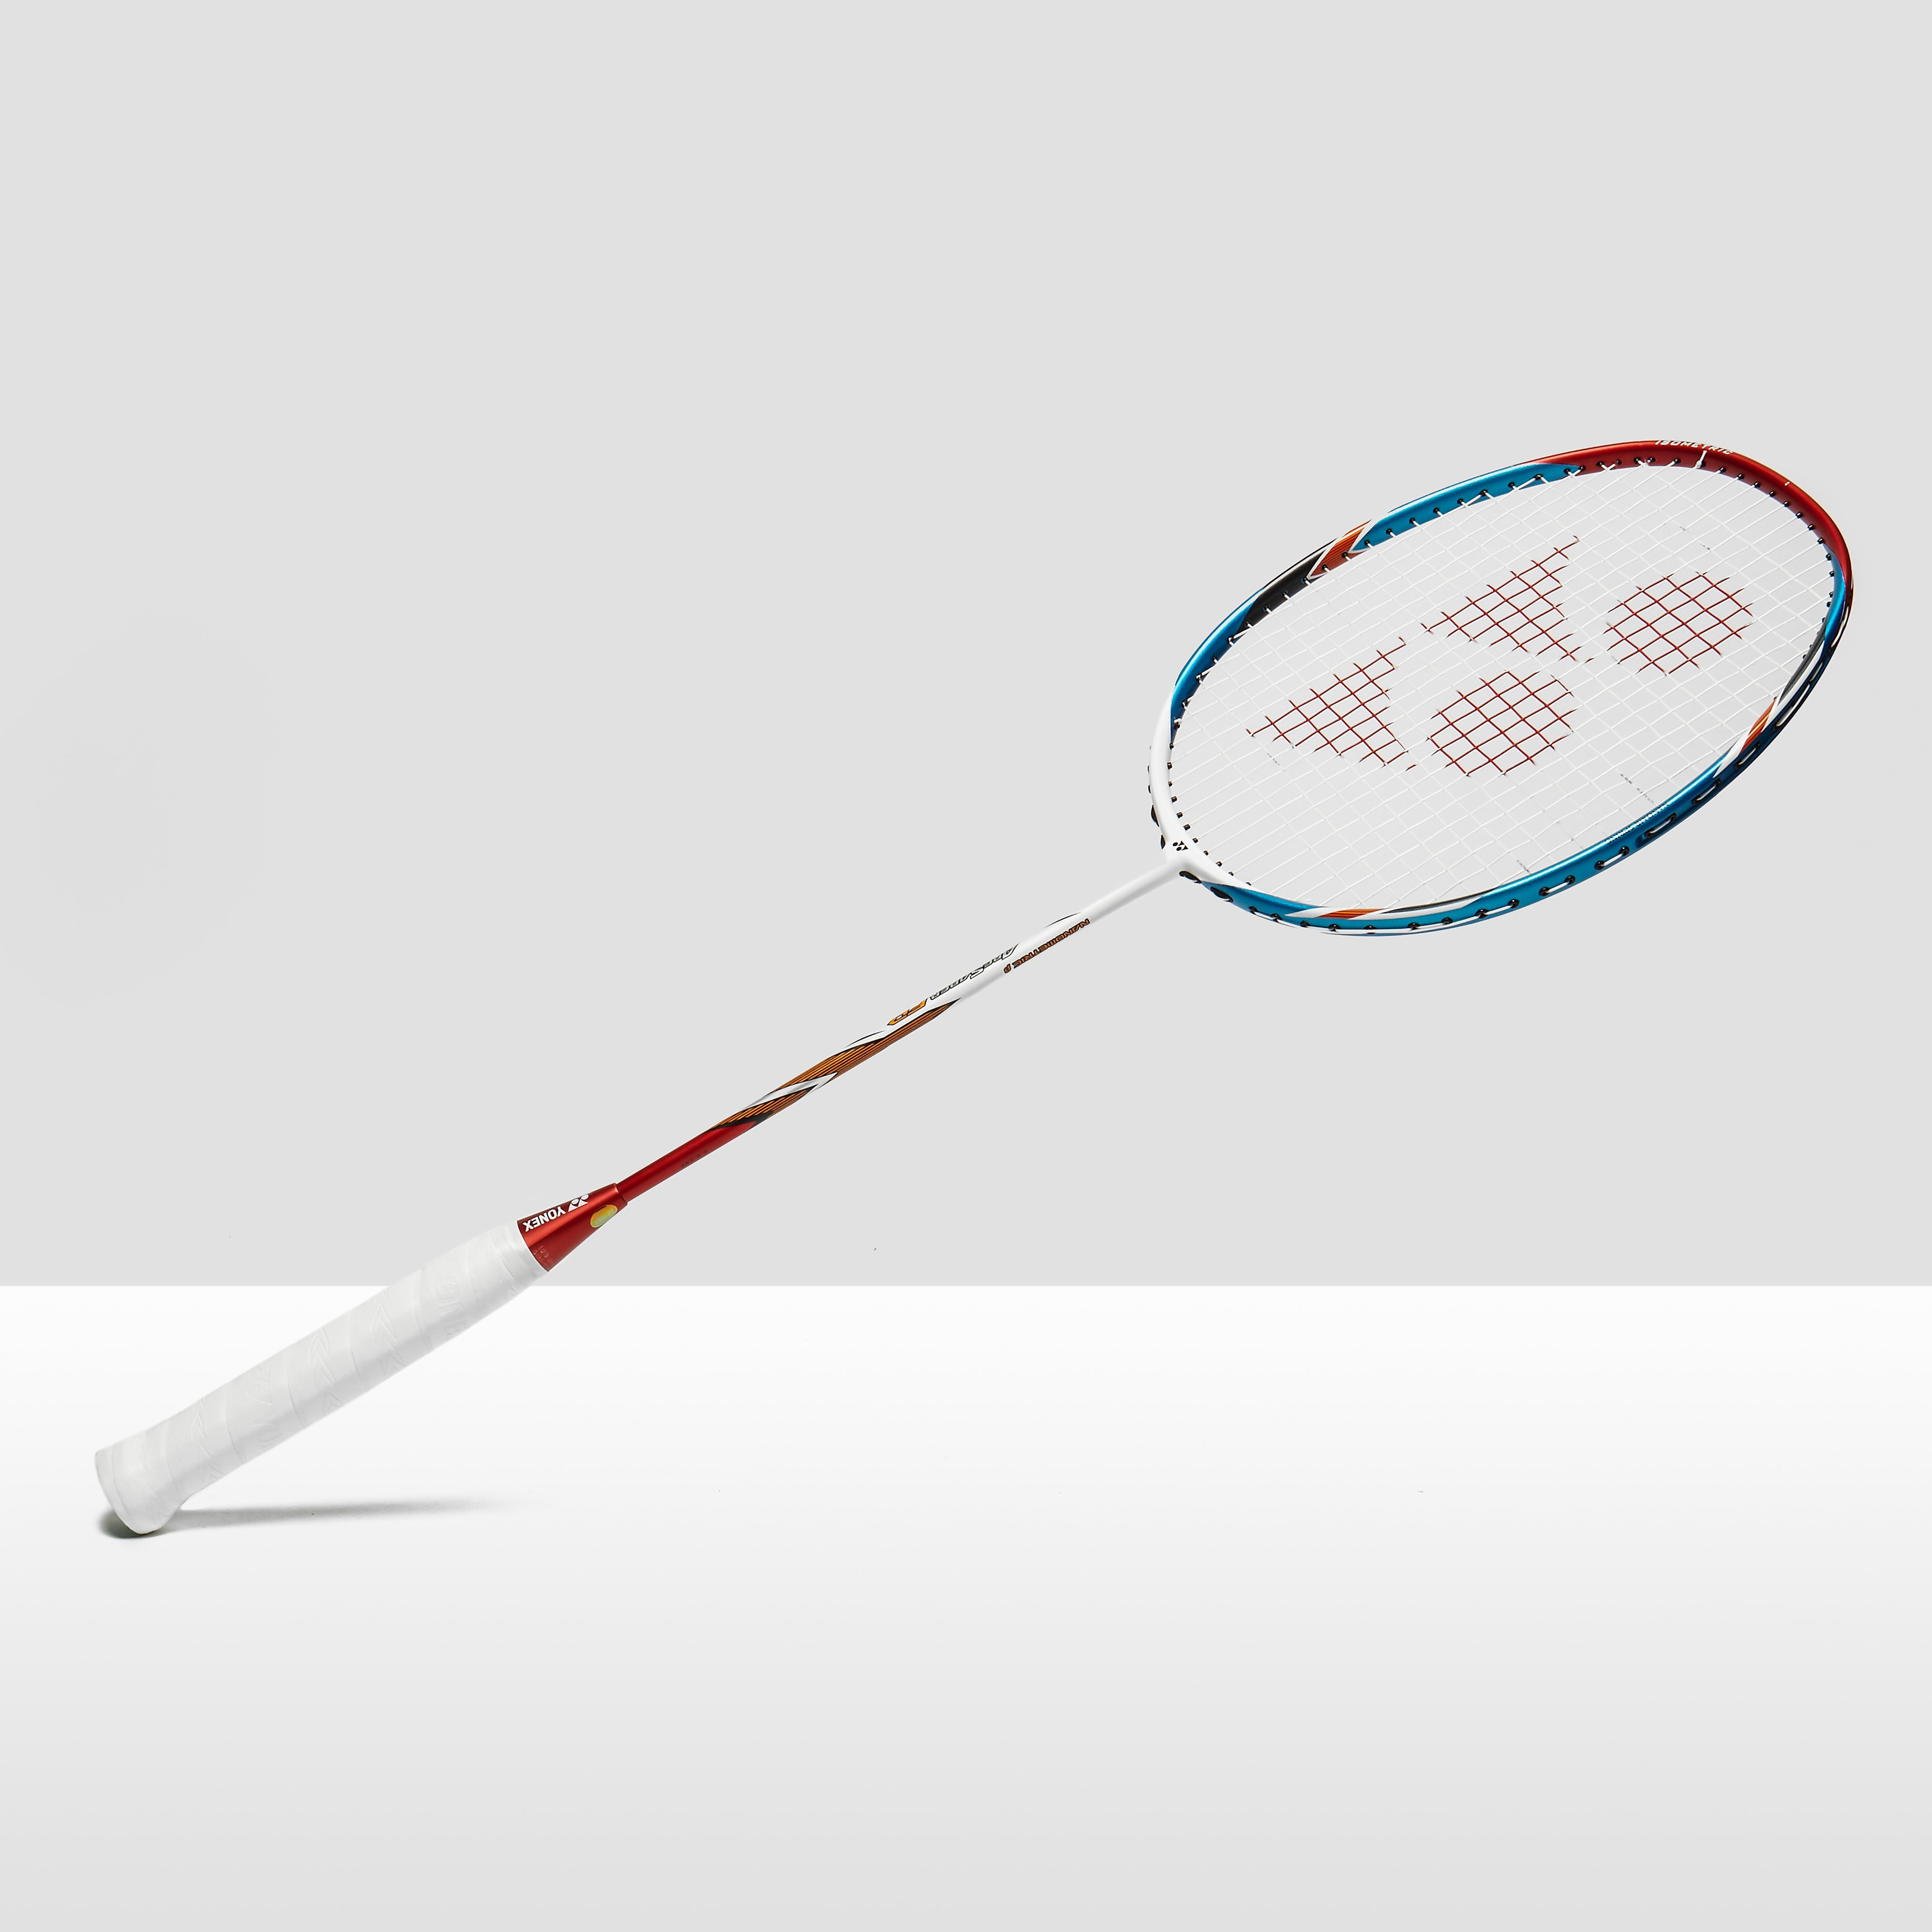 Yonex Arcsaber FD Badminton Racket